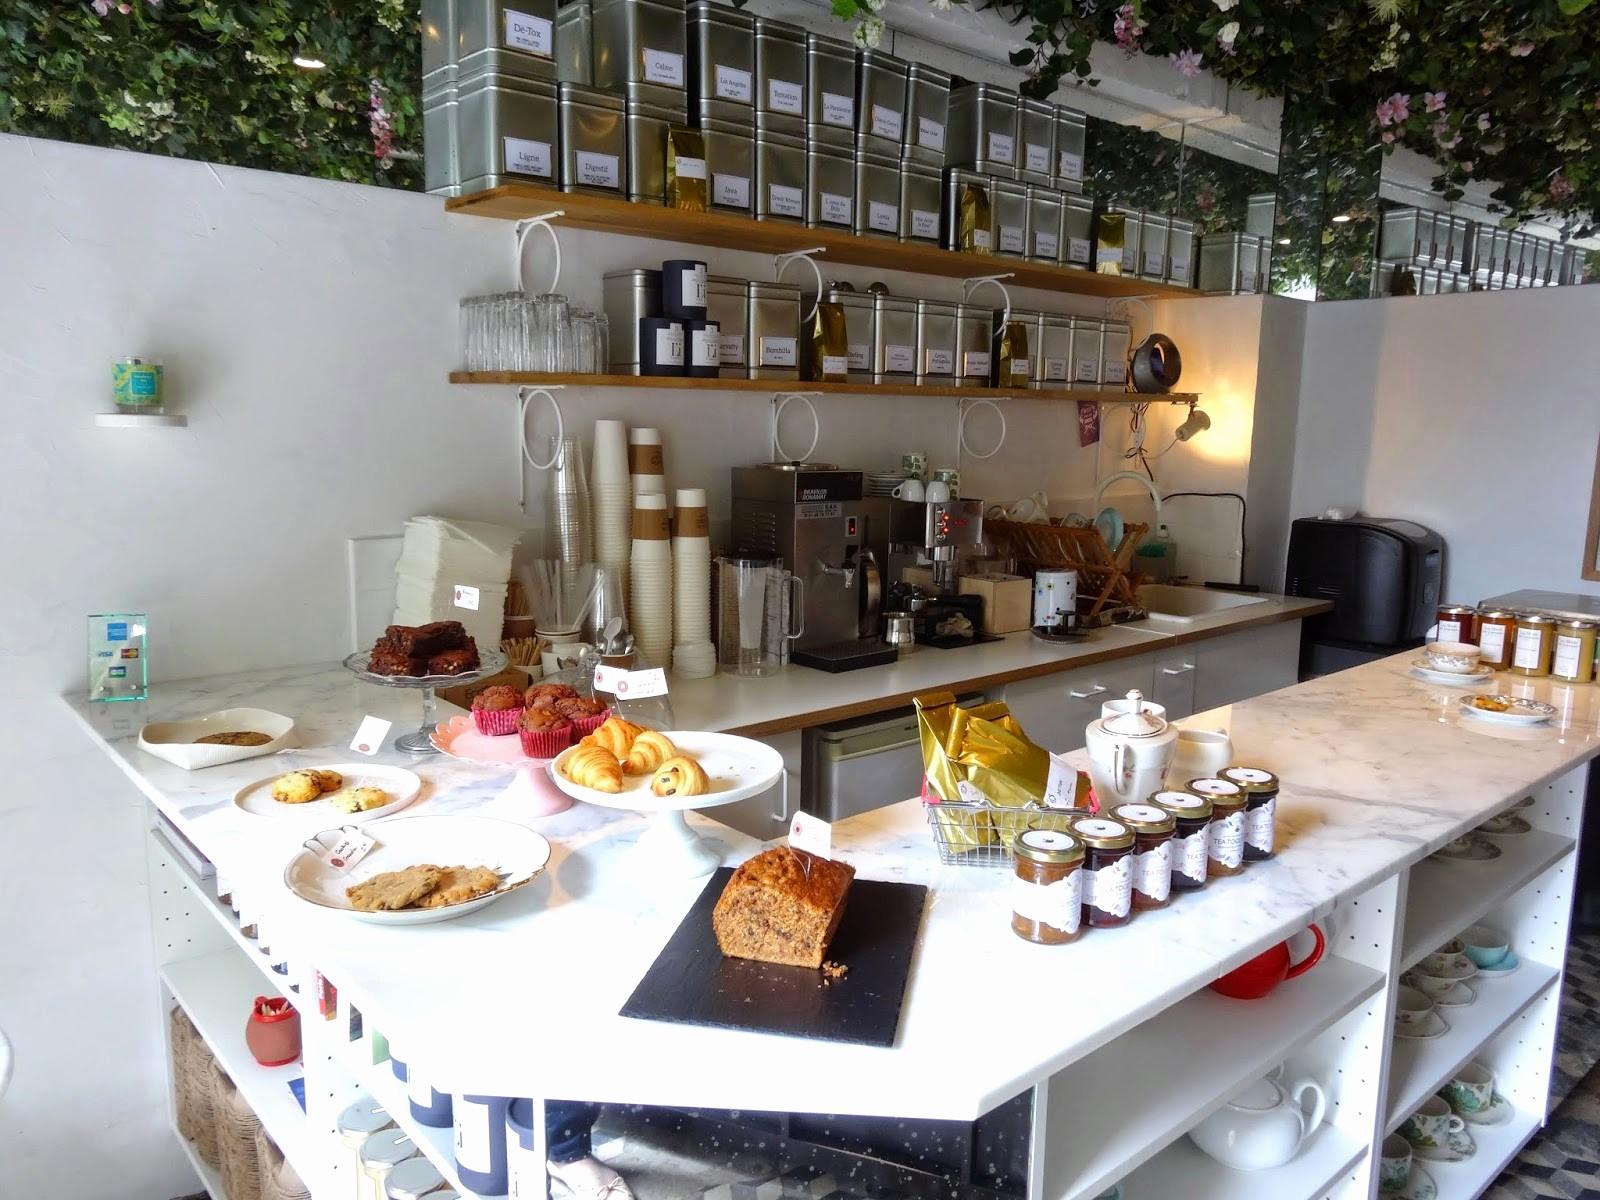 Jeu De Cuisine De Sarah Unique Photos Jeux Cuisine Sara